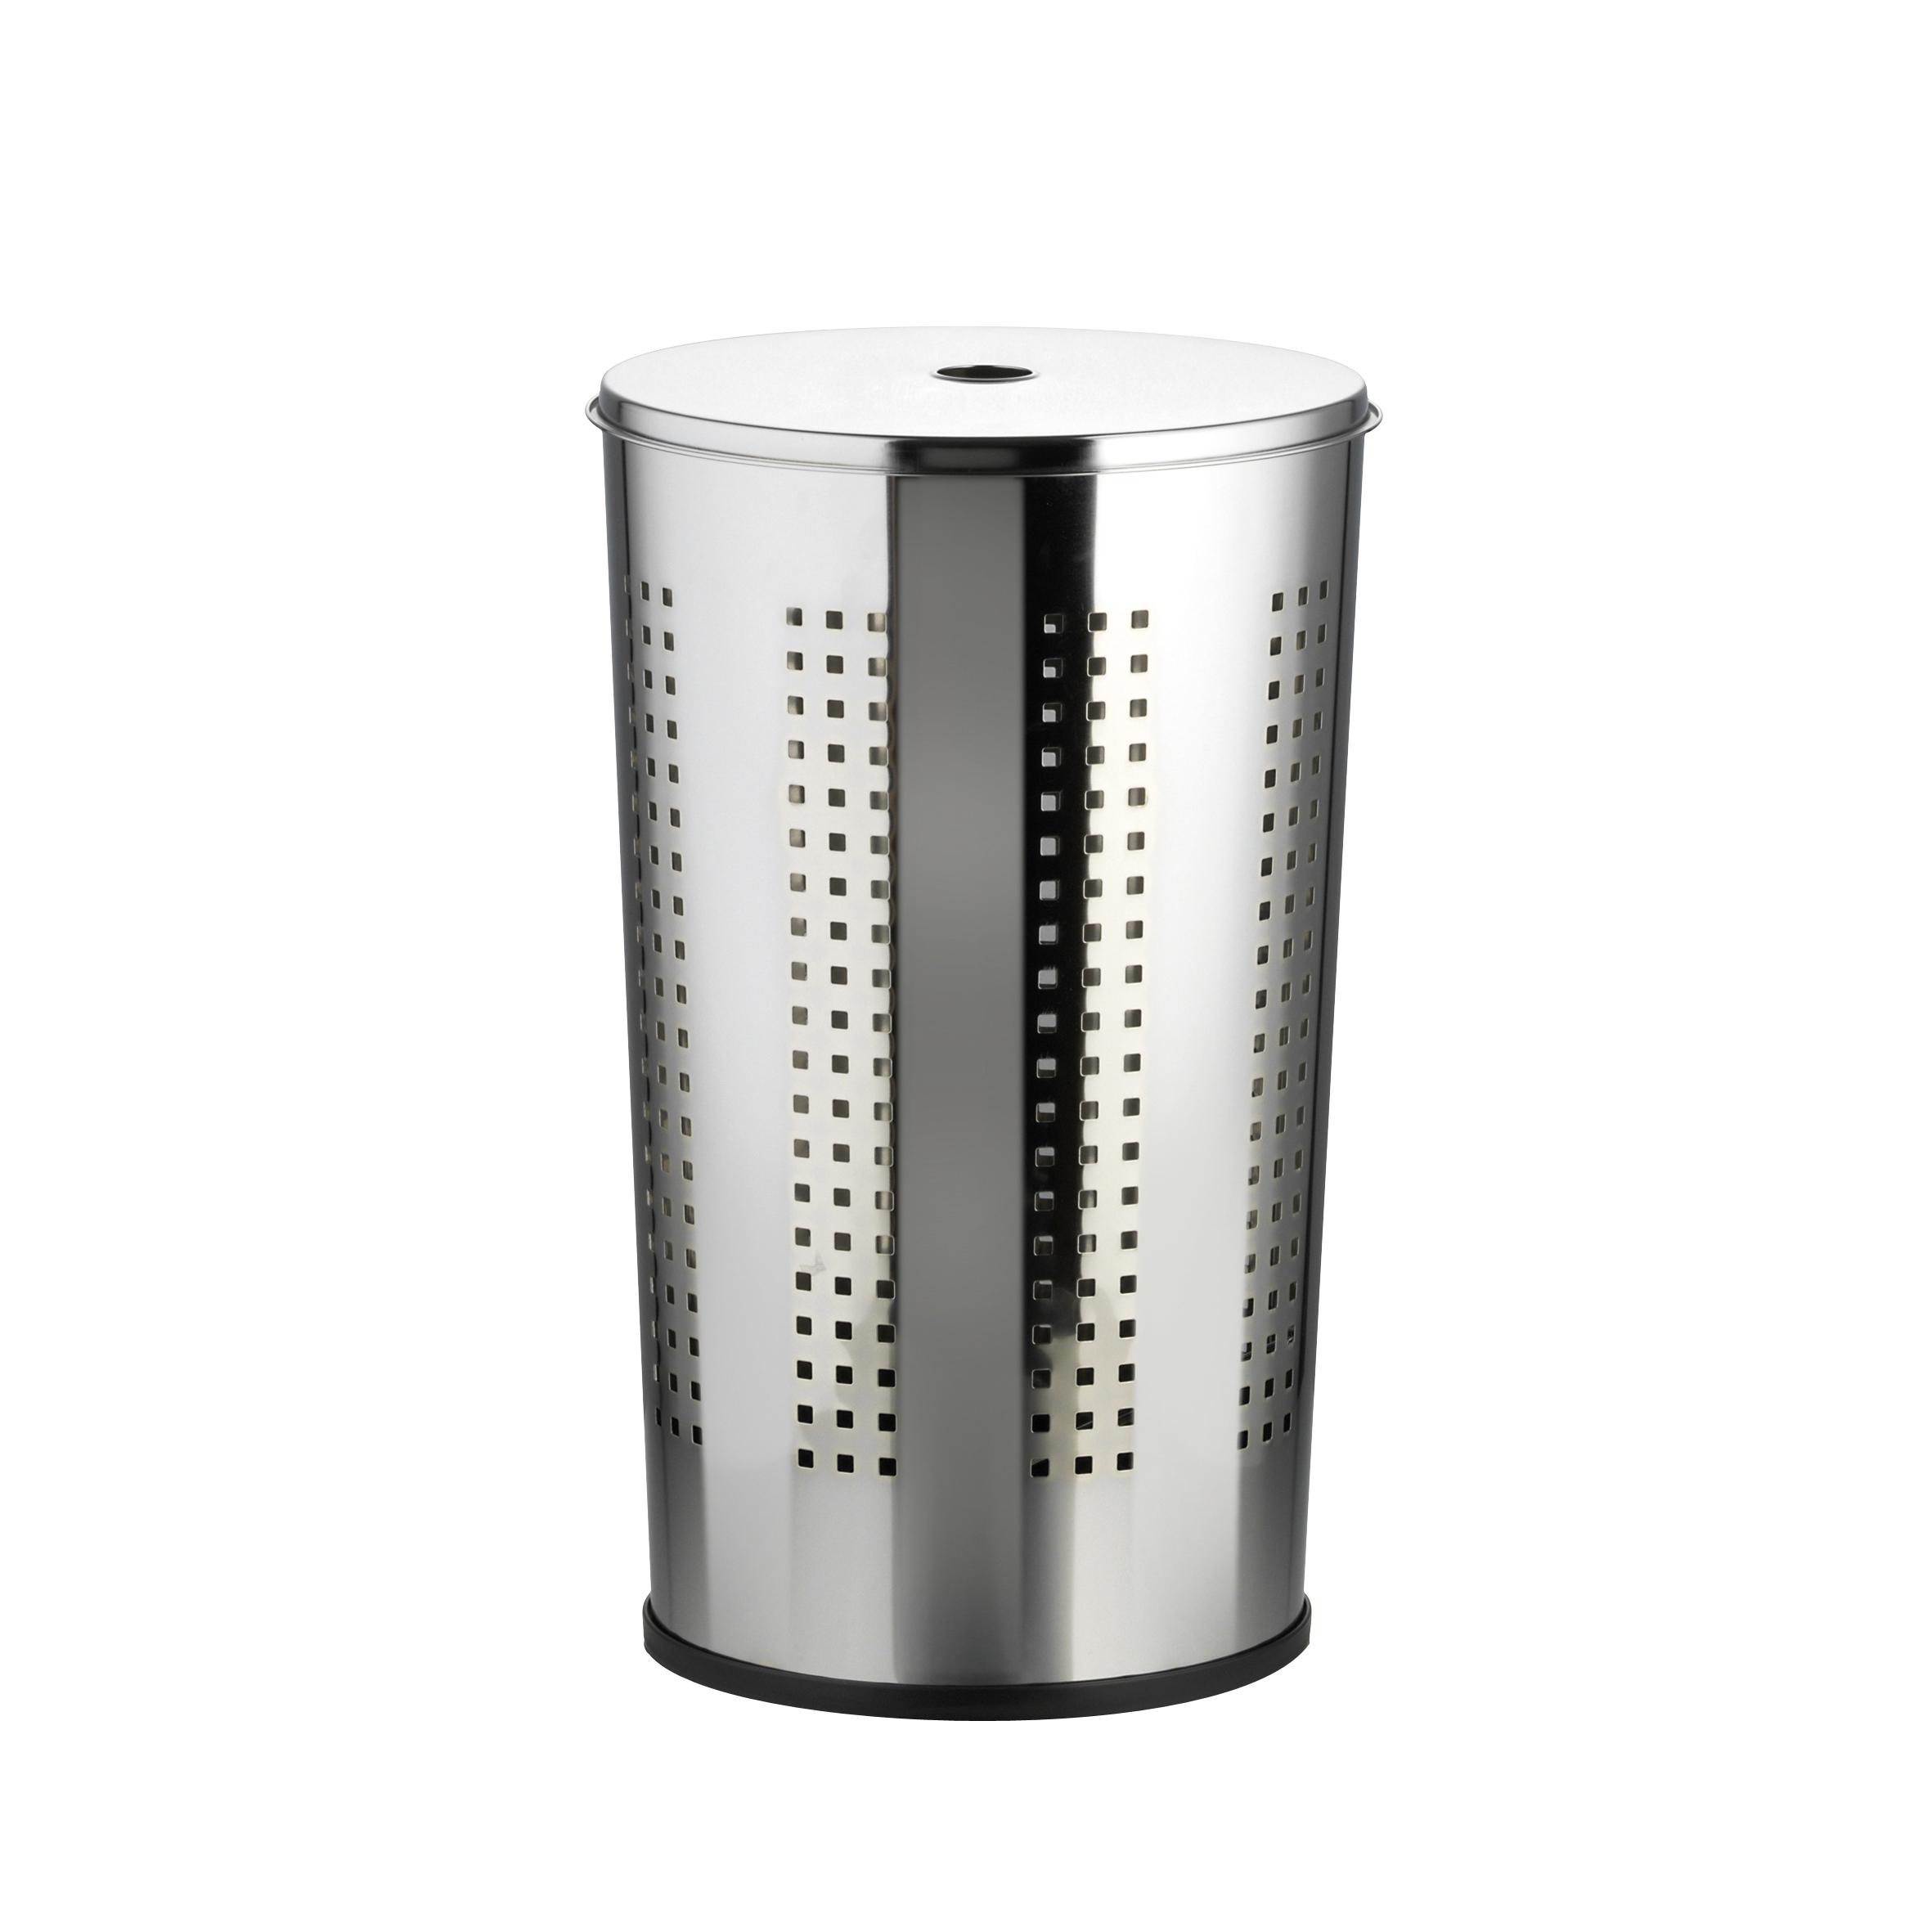 Корзина для белья Axentia, с крышкой, 50 л282780Корзина для белья Axentia изготовлена из высококачественной хромированной стали, устойчивой к коррозии в условиях высокой влажности в ванной комнате. Подойдет для семьи из 3-5 человек. Специальные отверстия по всему периметру корзины позволяют дышать и не позволят сопреть вашему белью. Изделие оснащено крышкой, которая плотно закрывается и не болтается на корзине. Пластиковая подставка создает дополнительную устойчивость, безопасность пола и бесшумность при перемещении. Современный дизайн корзины украсит любой интерьер ванной комнаты. Объем корзины: 50 литров. Размер корзины: 35 х 35 х 58 см.